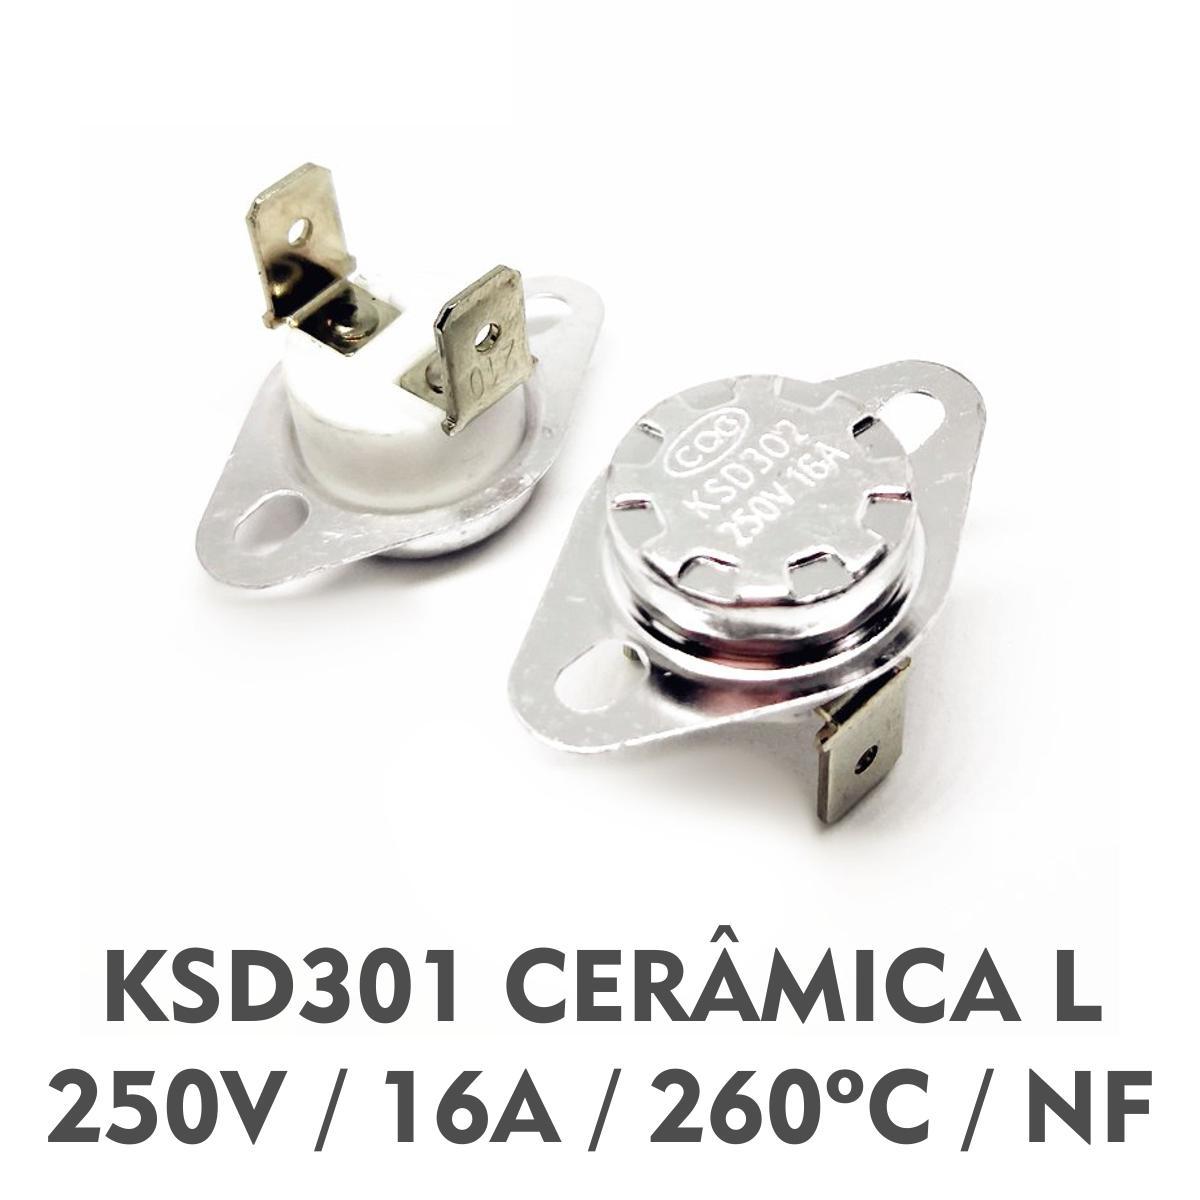 Termostato KSD301 250V - 16A - Cerâmica 260ºC - Normal: Fechado